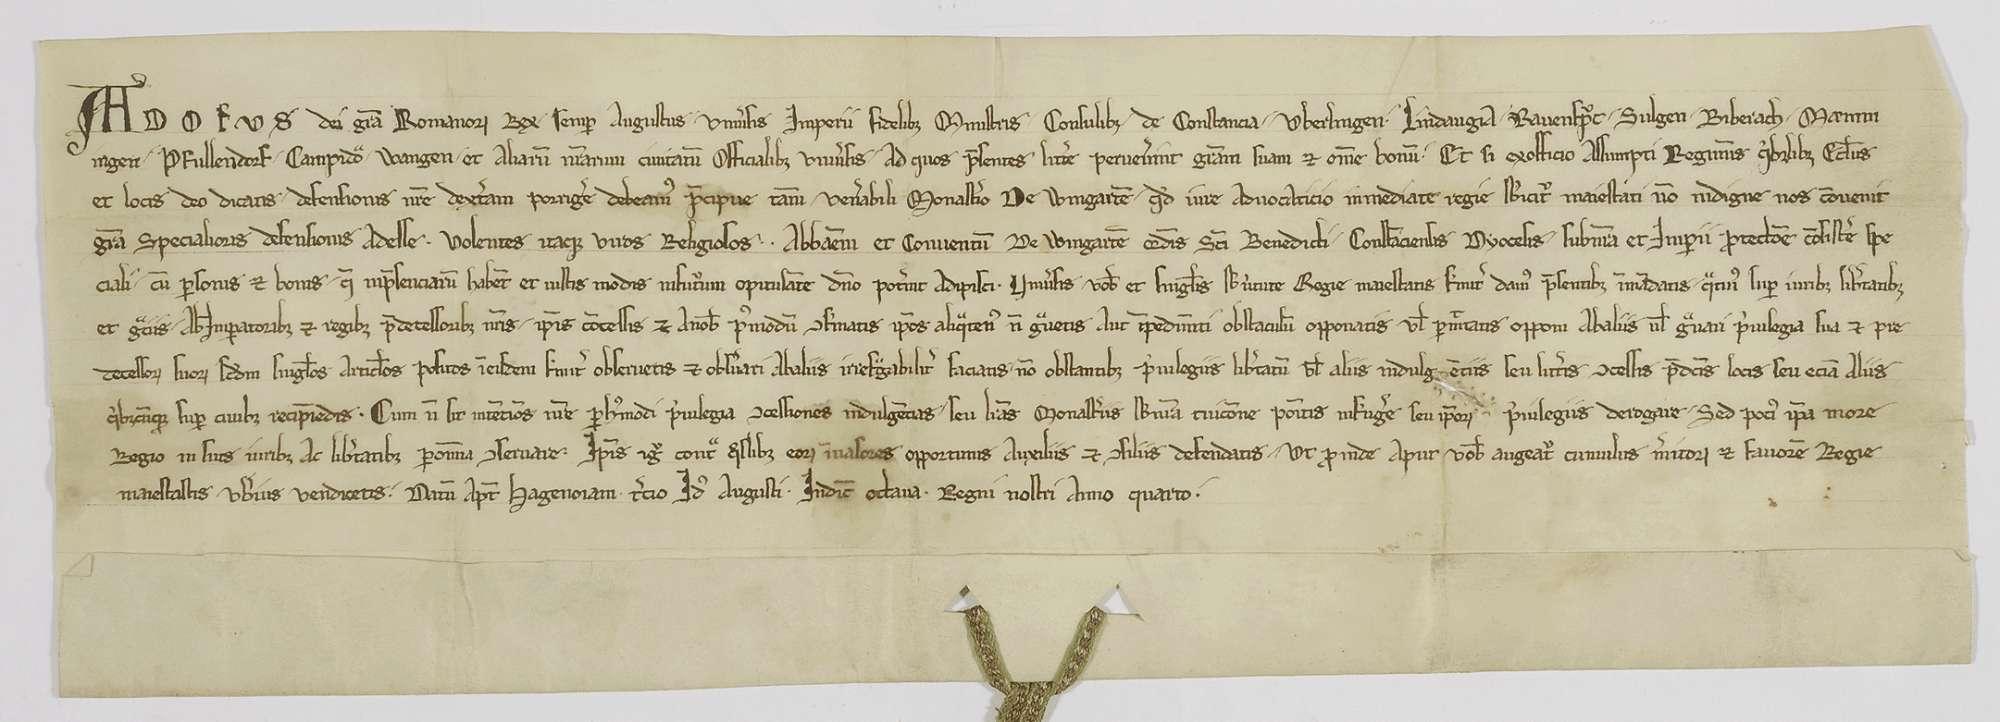 König Adolf von Nassau verbietet den schwäbischen Reichsstädten, das in seinem Schutz stehende Kloster Weingarten in seinen Privilegien, besonders in betreff der Bürgerannahme, irgendwie zu beeinträchtigen., Bild 1